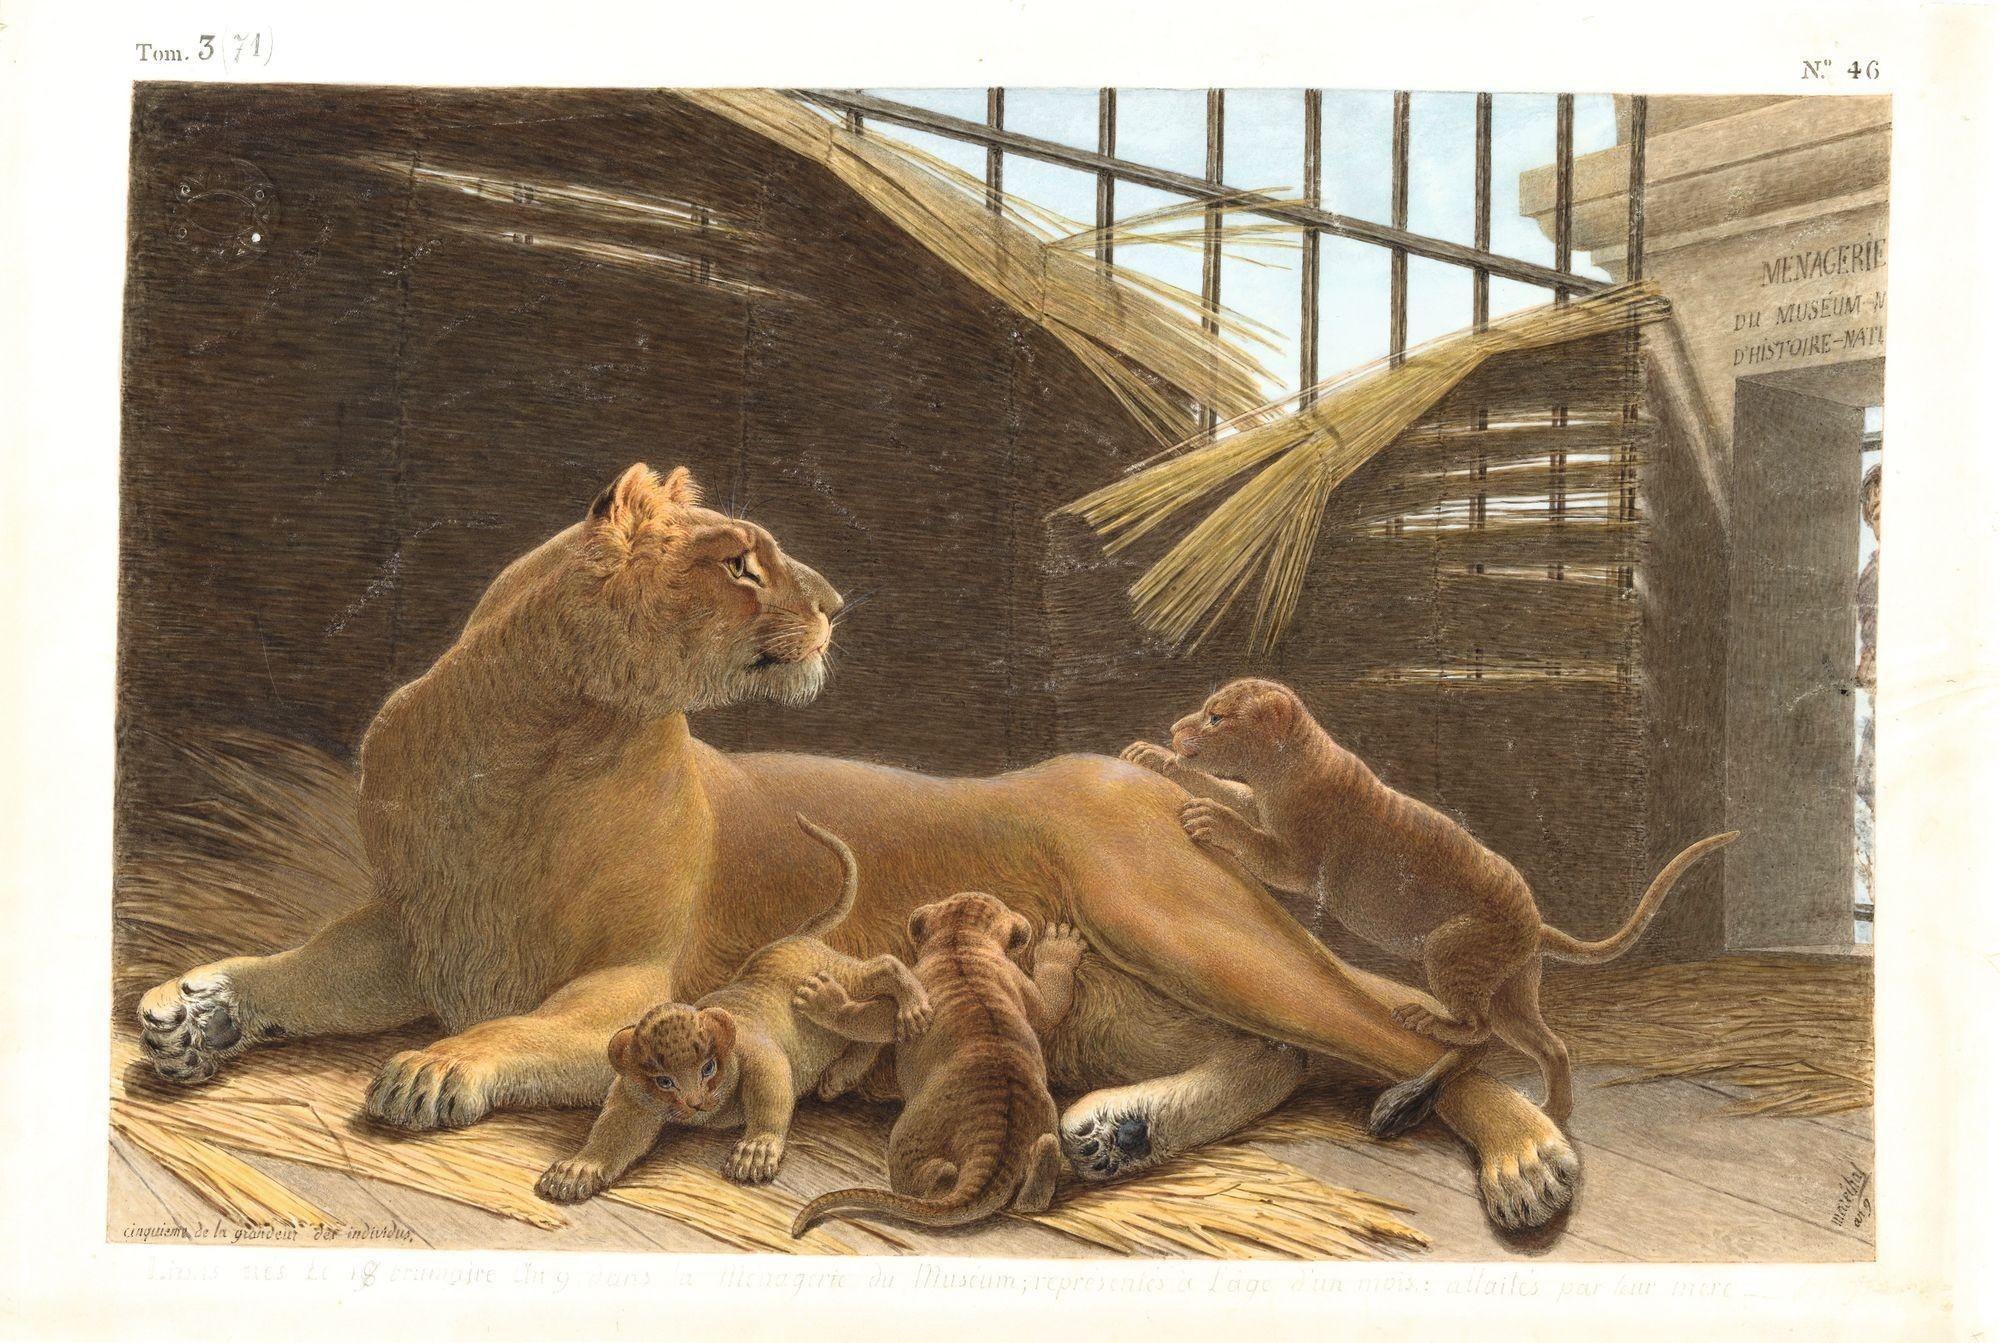 Nicolas Maréchal, Lions nés le 18 brumaire an IX, dans la ménagerie du Muséum, 1801, gouache sur vélin, 46 x 33 cm, bibliothèque du Muséum, Paris.